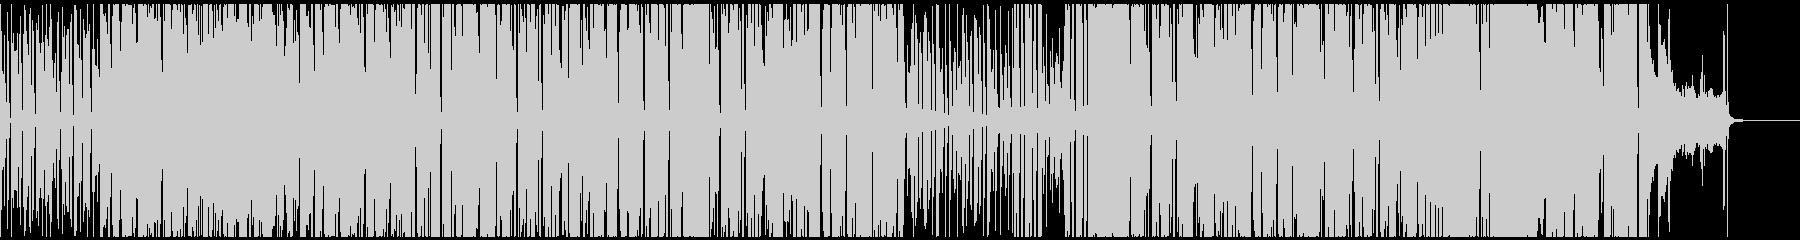 ジングルベルのお洒落なジャズアレンジの未再生の波形